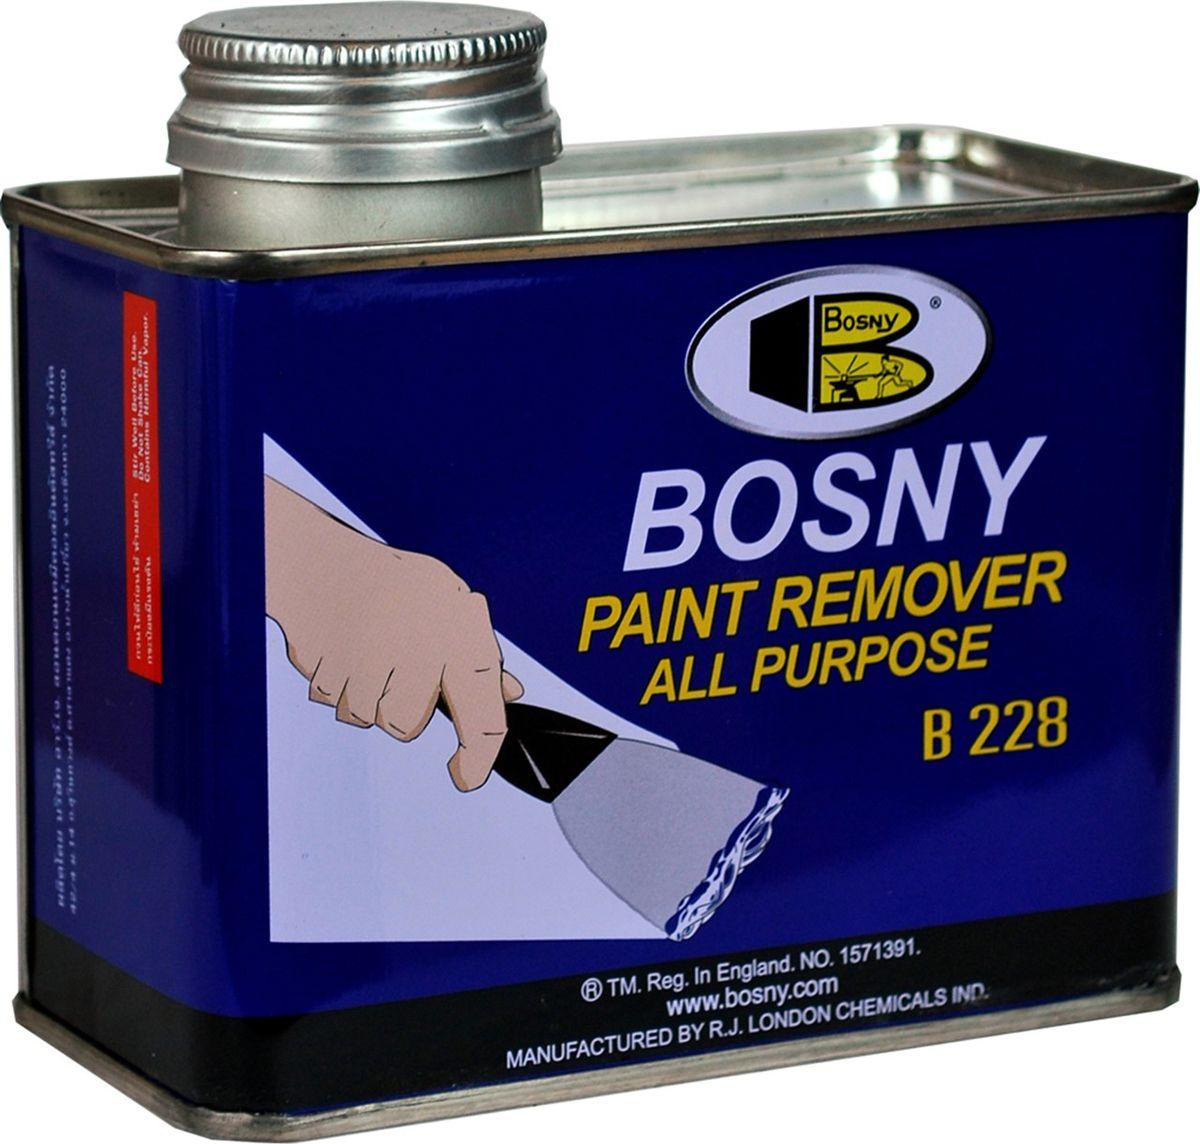 Смывка краски-гель Bosny, универсальная, 3,5 кг228Универсальная смывка краски Bosny Paint Remover –мощное средство на гелевой основе, предназначенное для удаления всевозможных типов краски с окрашенных поверхностей быстро и эффективно, весь процесс занимает лишь несколько минут. Смывка краски Bosny Paint Remover предназначена для удаления масляных красок, синтетических эмалей, различных лаков, в том числе целлюлозных, эмалей горячей сушки, и других видов лакокрасочных покрытий. Может использоваться как для бытовых, так и для промышленных целей. Гелевая консистенция смывки имеет несколько преимуществ по сравнению с жидкими или аэрозольными составами: 1. После нанесения гелеобразный состав образует равномерный слой одинаковой толщины по всей поверхности. 2. Можно легко и точно дозировать расход материала. 3. Исключено попадание случайных брызг на соседние участки поверхности. 4. Не требует предварительного размешивания